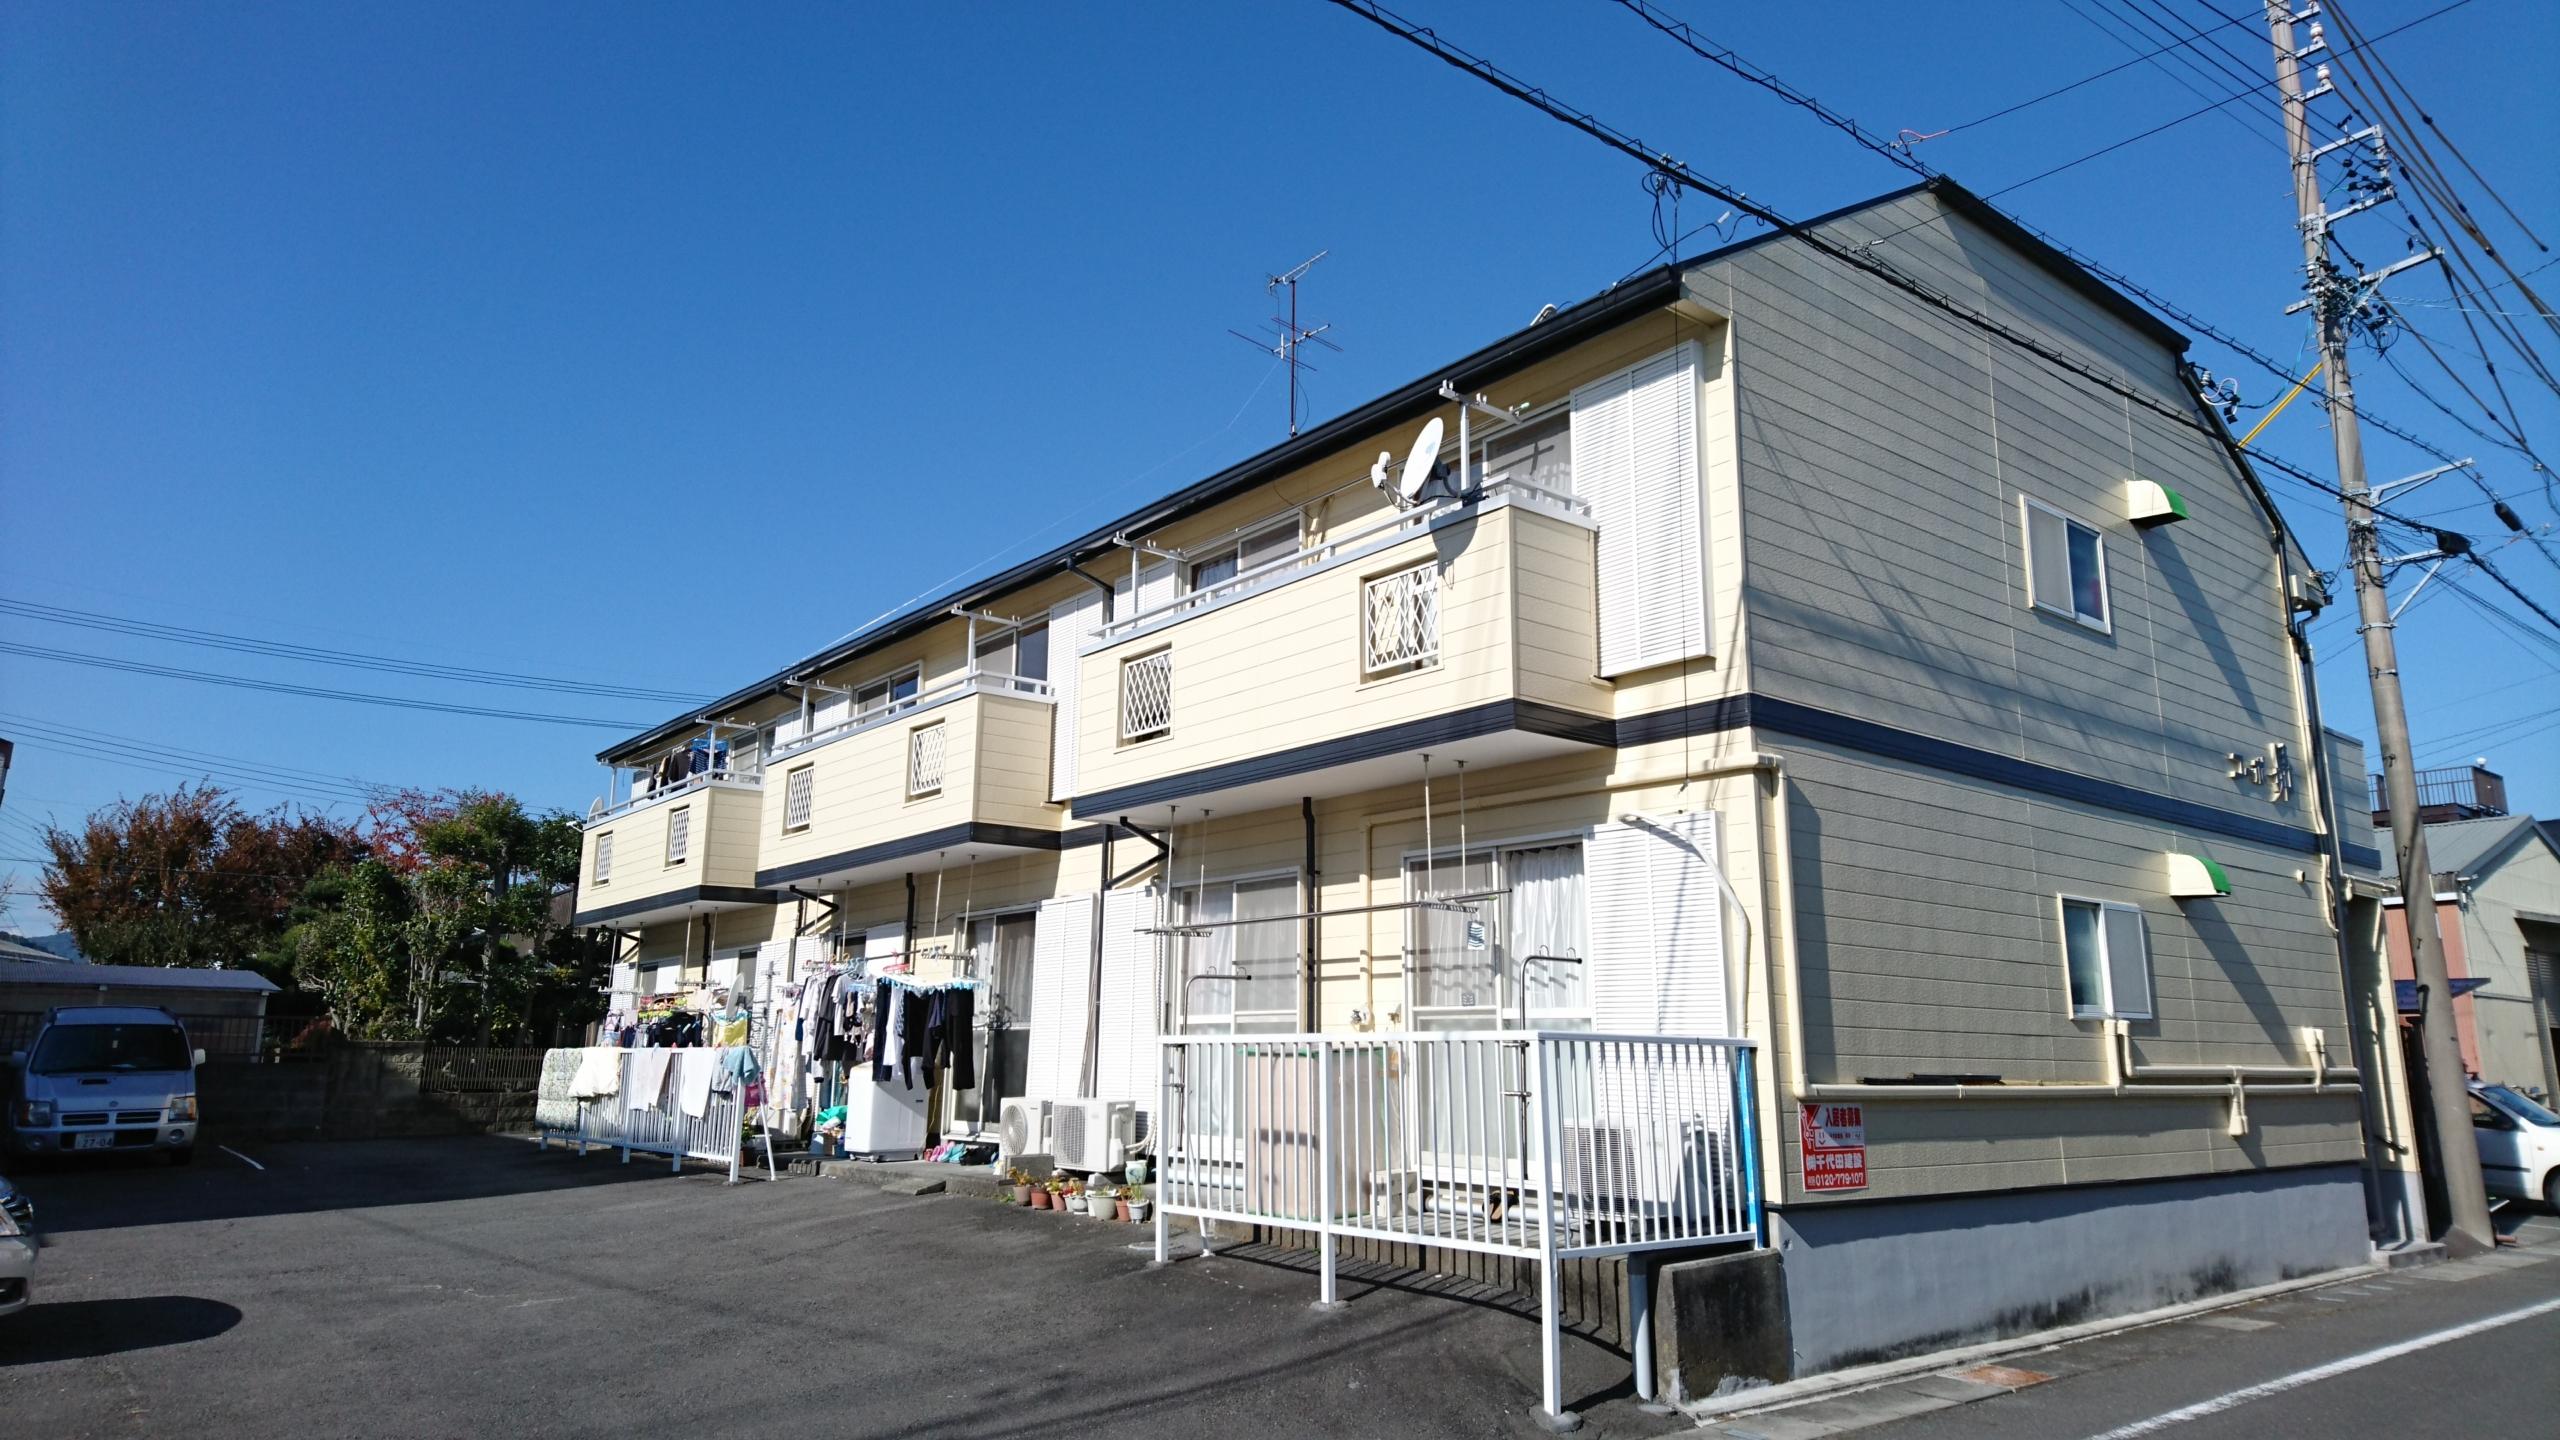 ドン・キホーテ山崎店が近くにありとても便利です♪うれしい3LDK!!